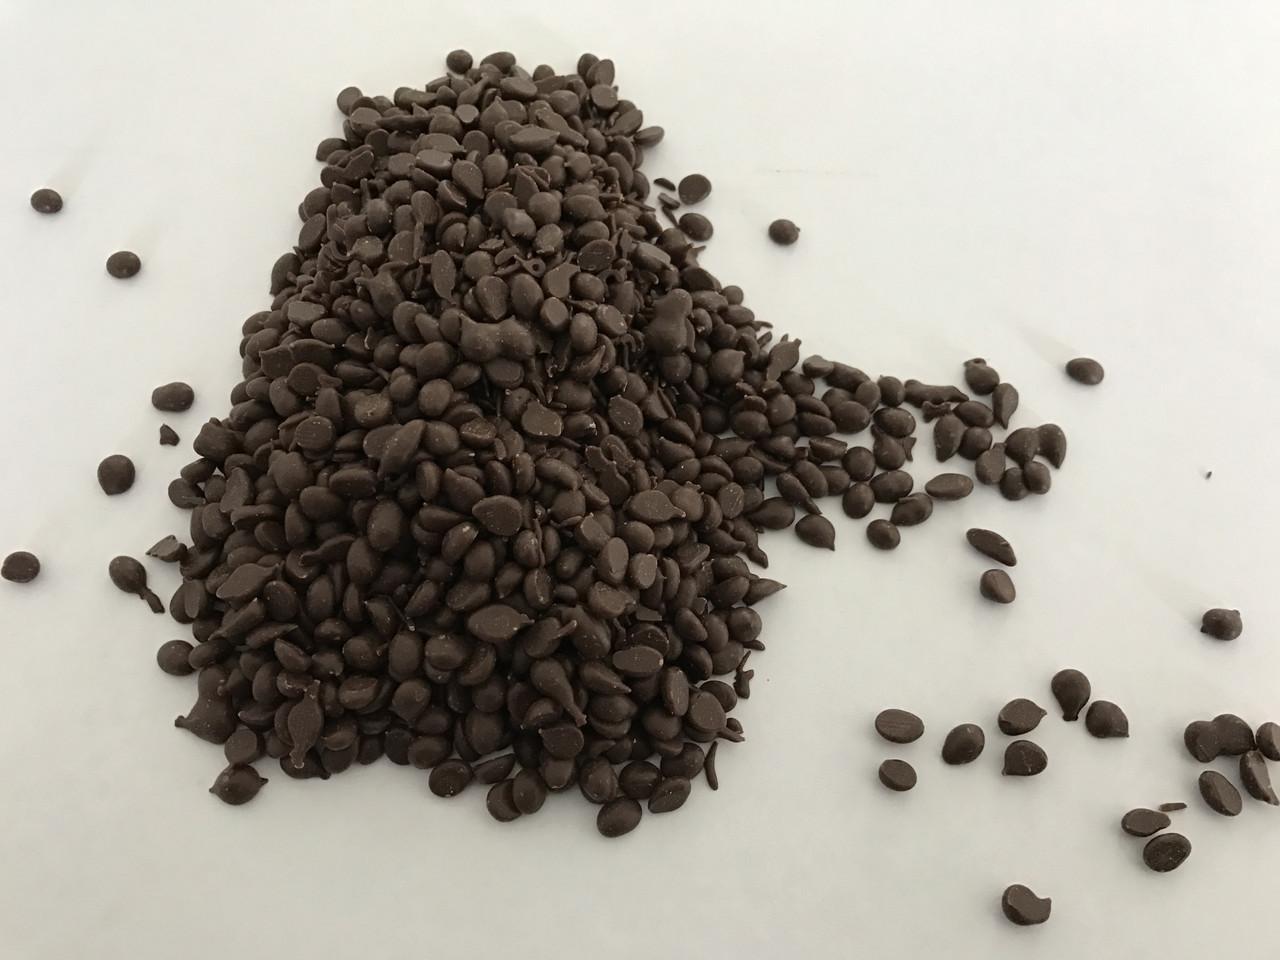 Глазурь кондитерская черная в виде капли для украшения тортов и других кондитерских изделий